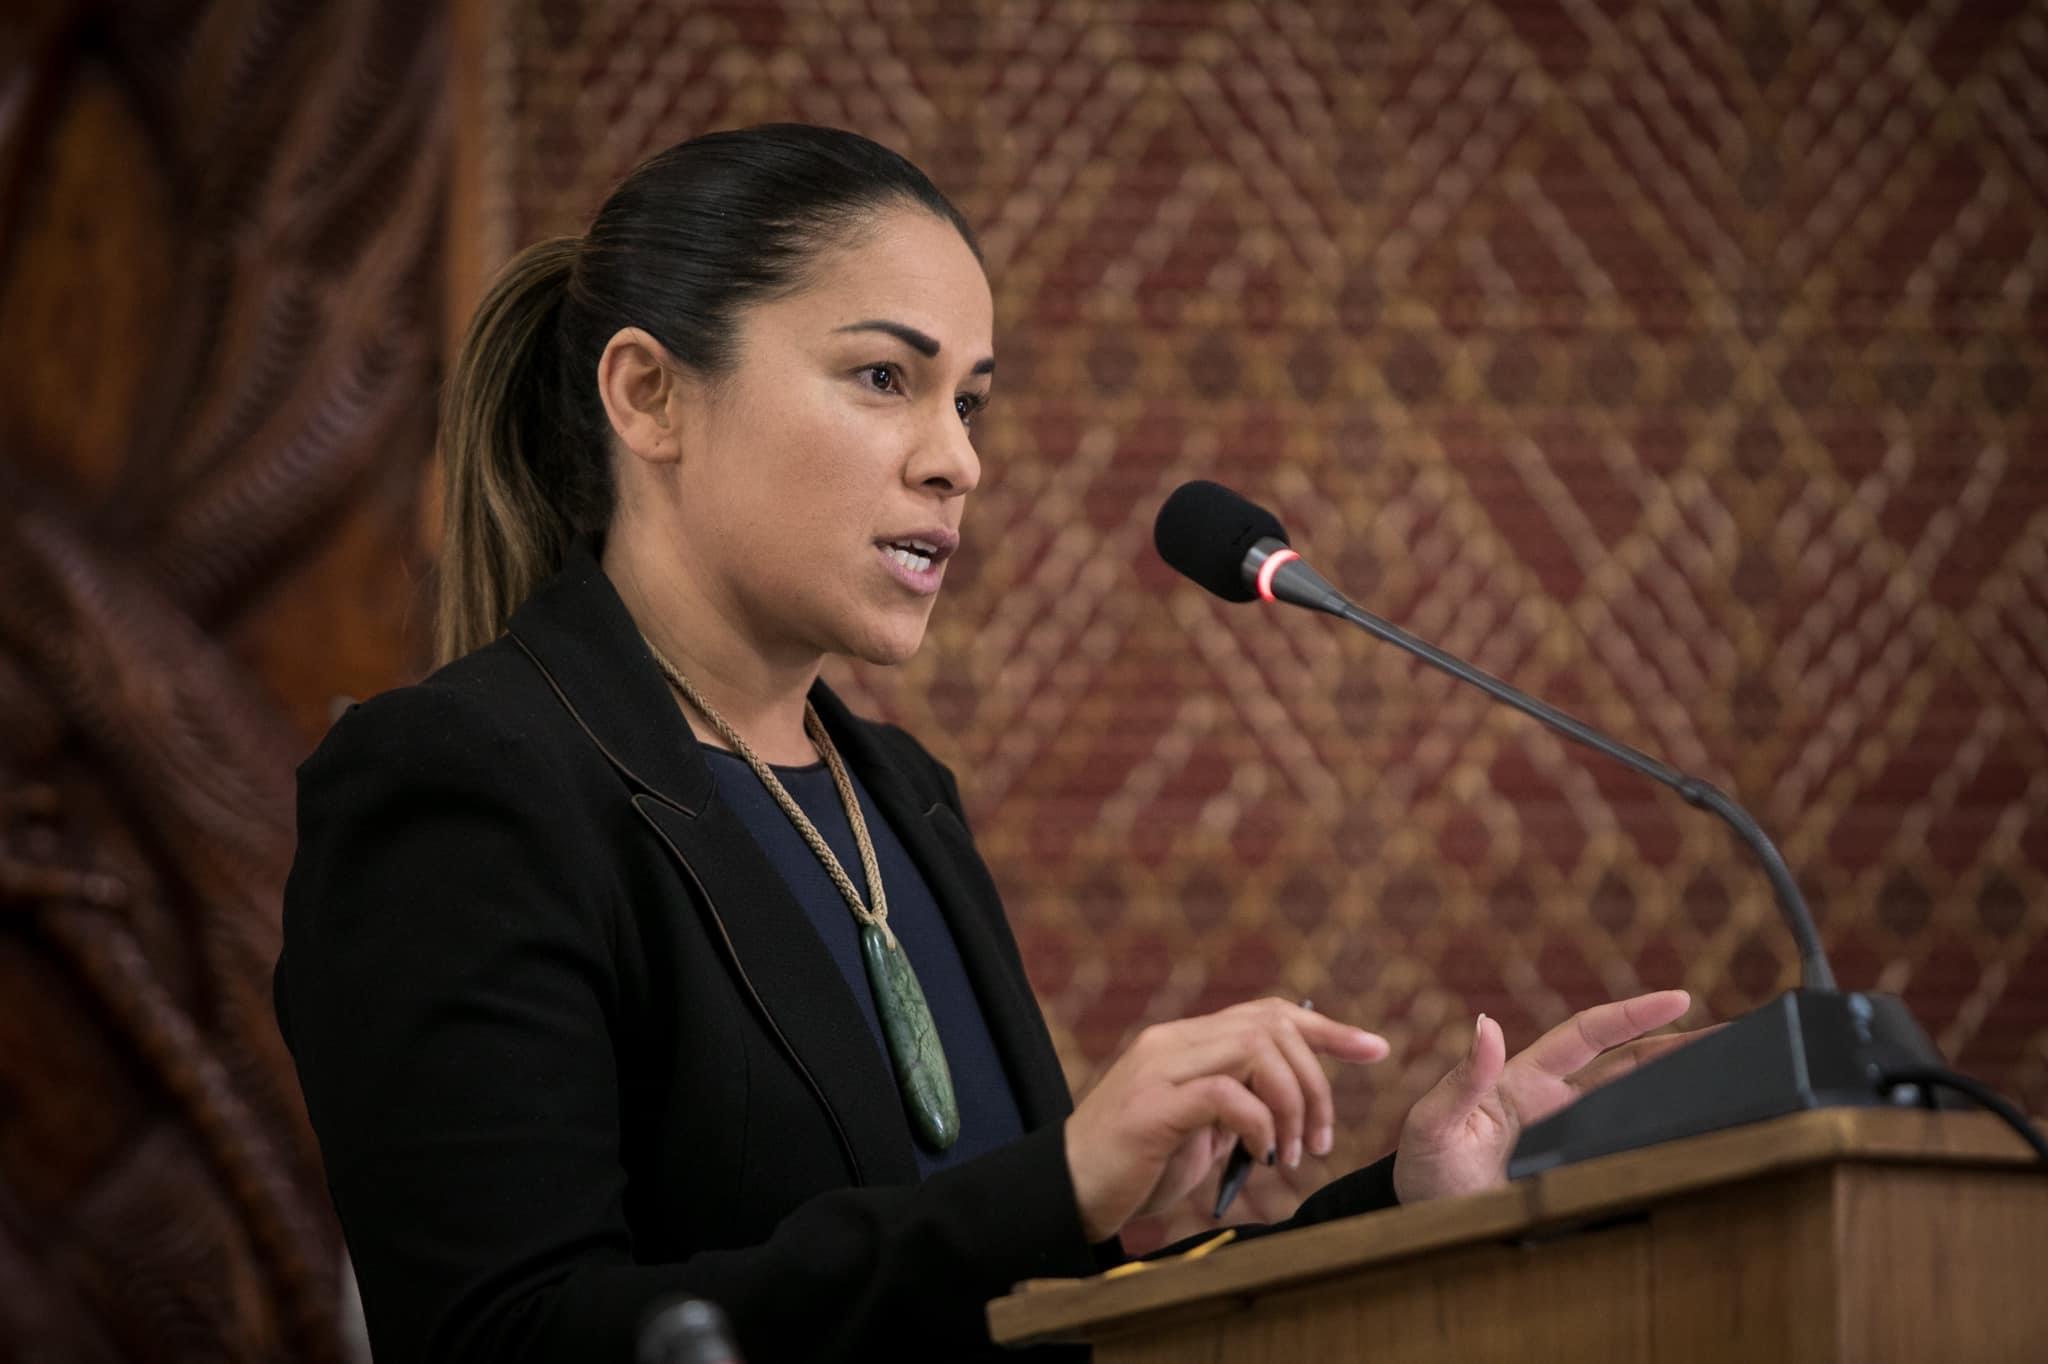 Ko te nohoanga o te Taraipunara o Waitangi mō te take o te Takutai Moana, ki Whitiora Marae, Hepetema 2020 Alana at the Waitangi Tribunal hearing on Takutai Moana at Whitiora Marae, September 2020